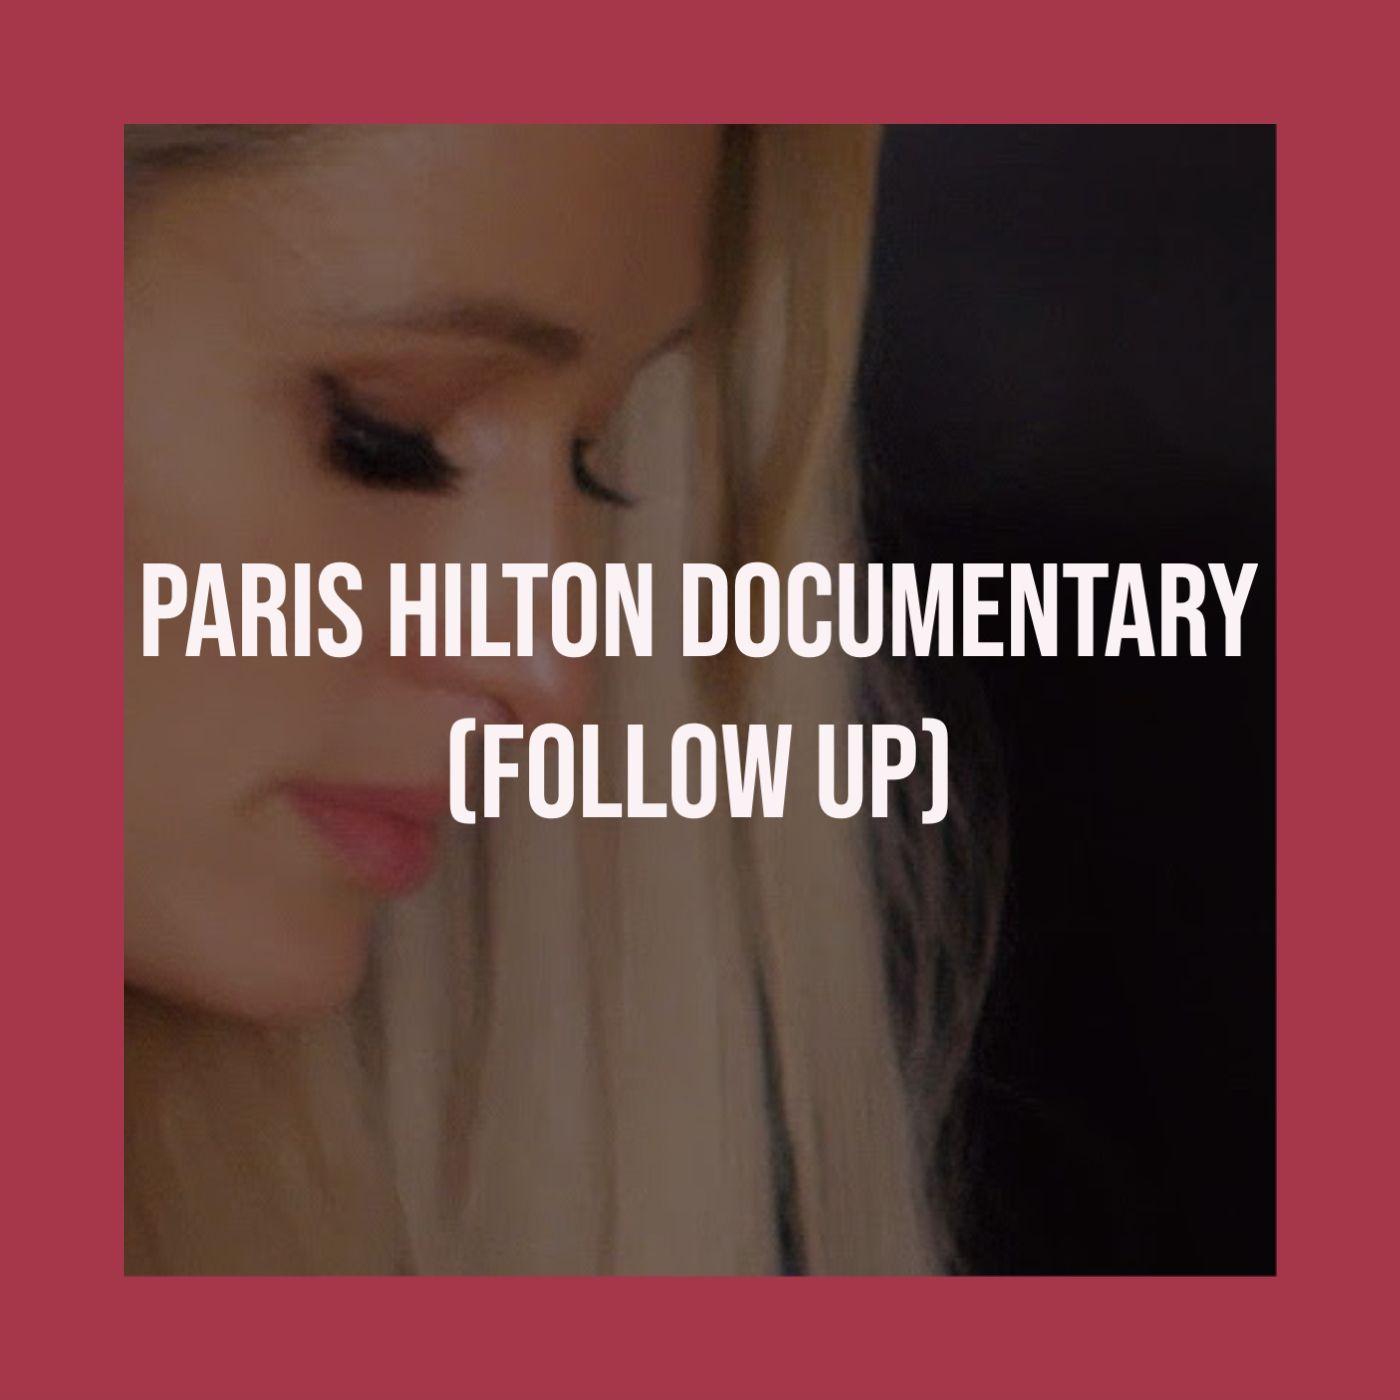 Paris Hilton Doc (Follow Up)